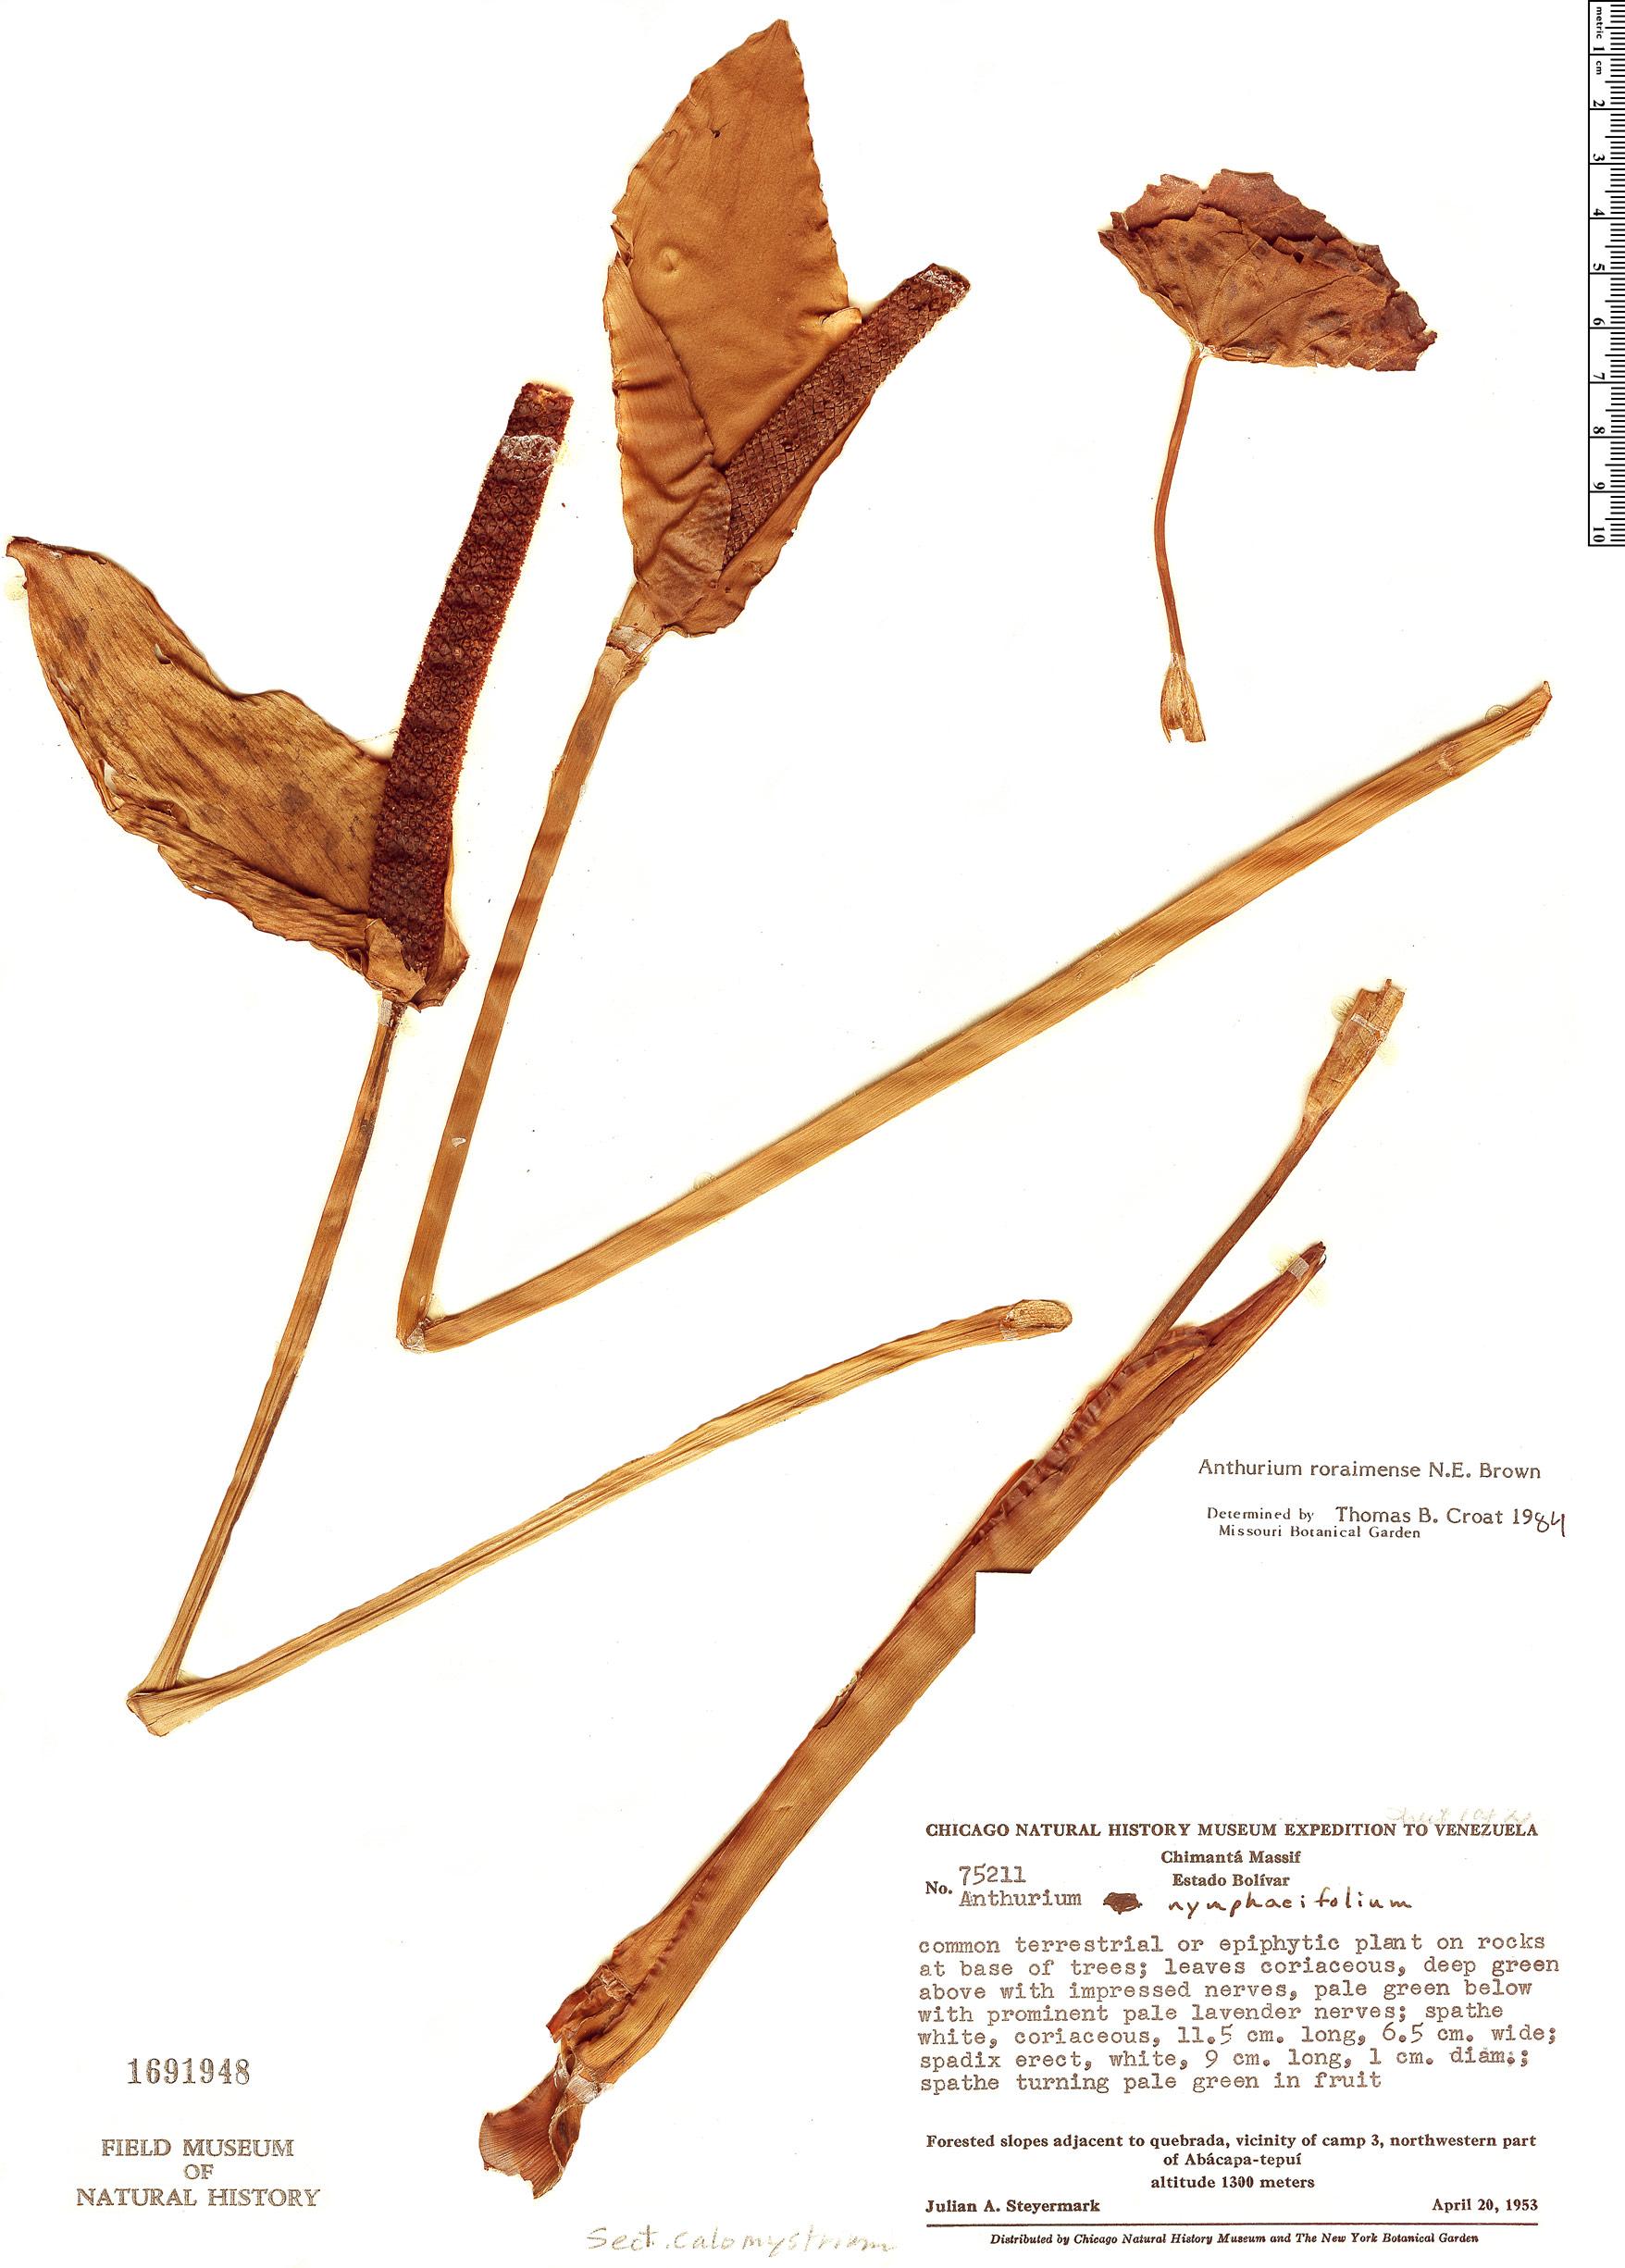 Specimen: Anthurium roraimense